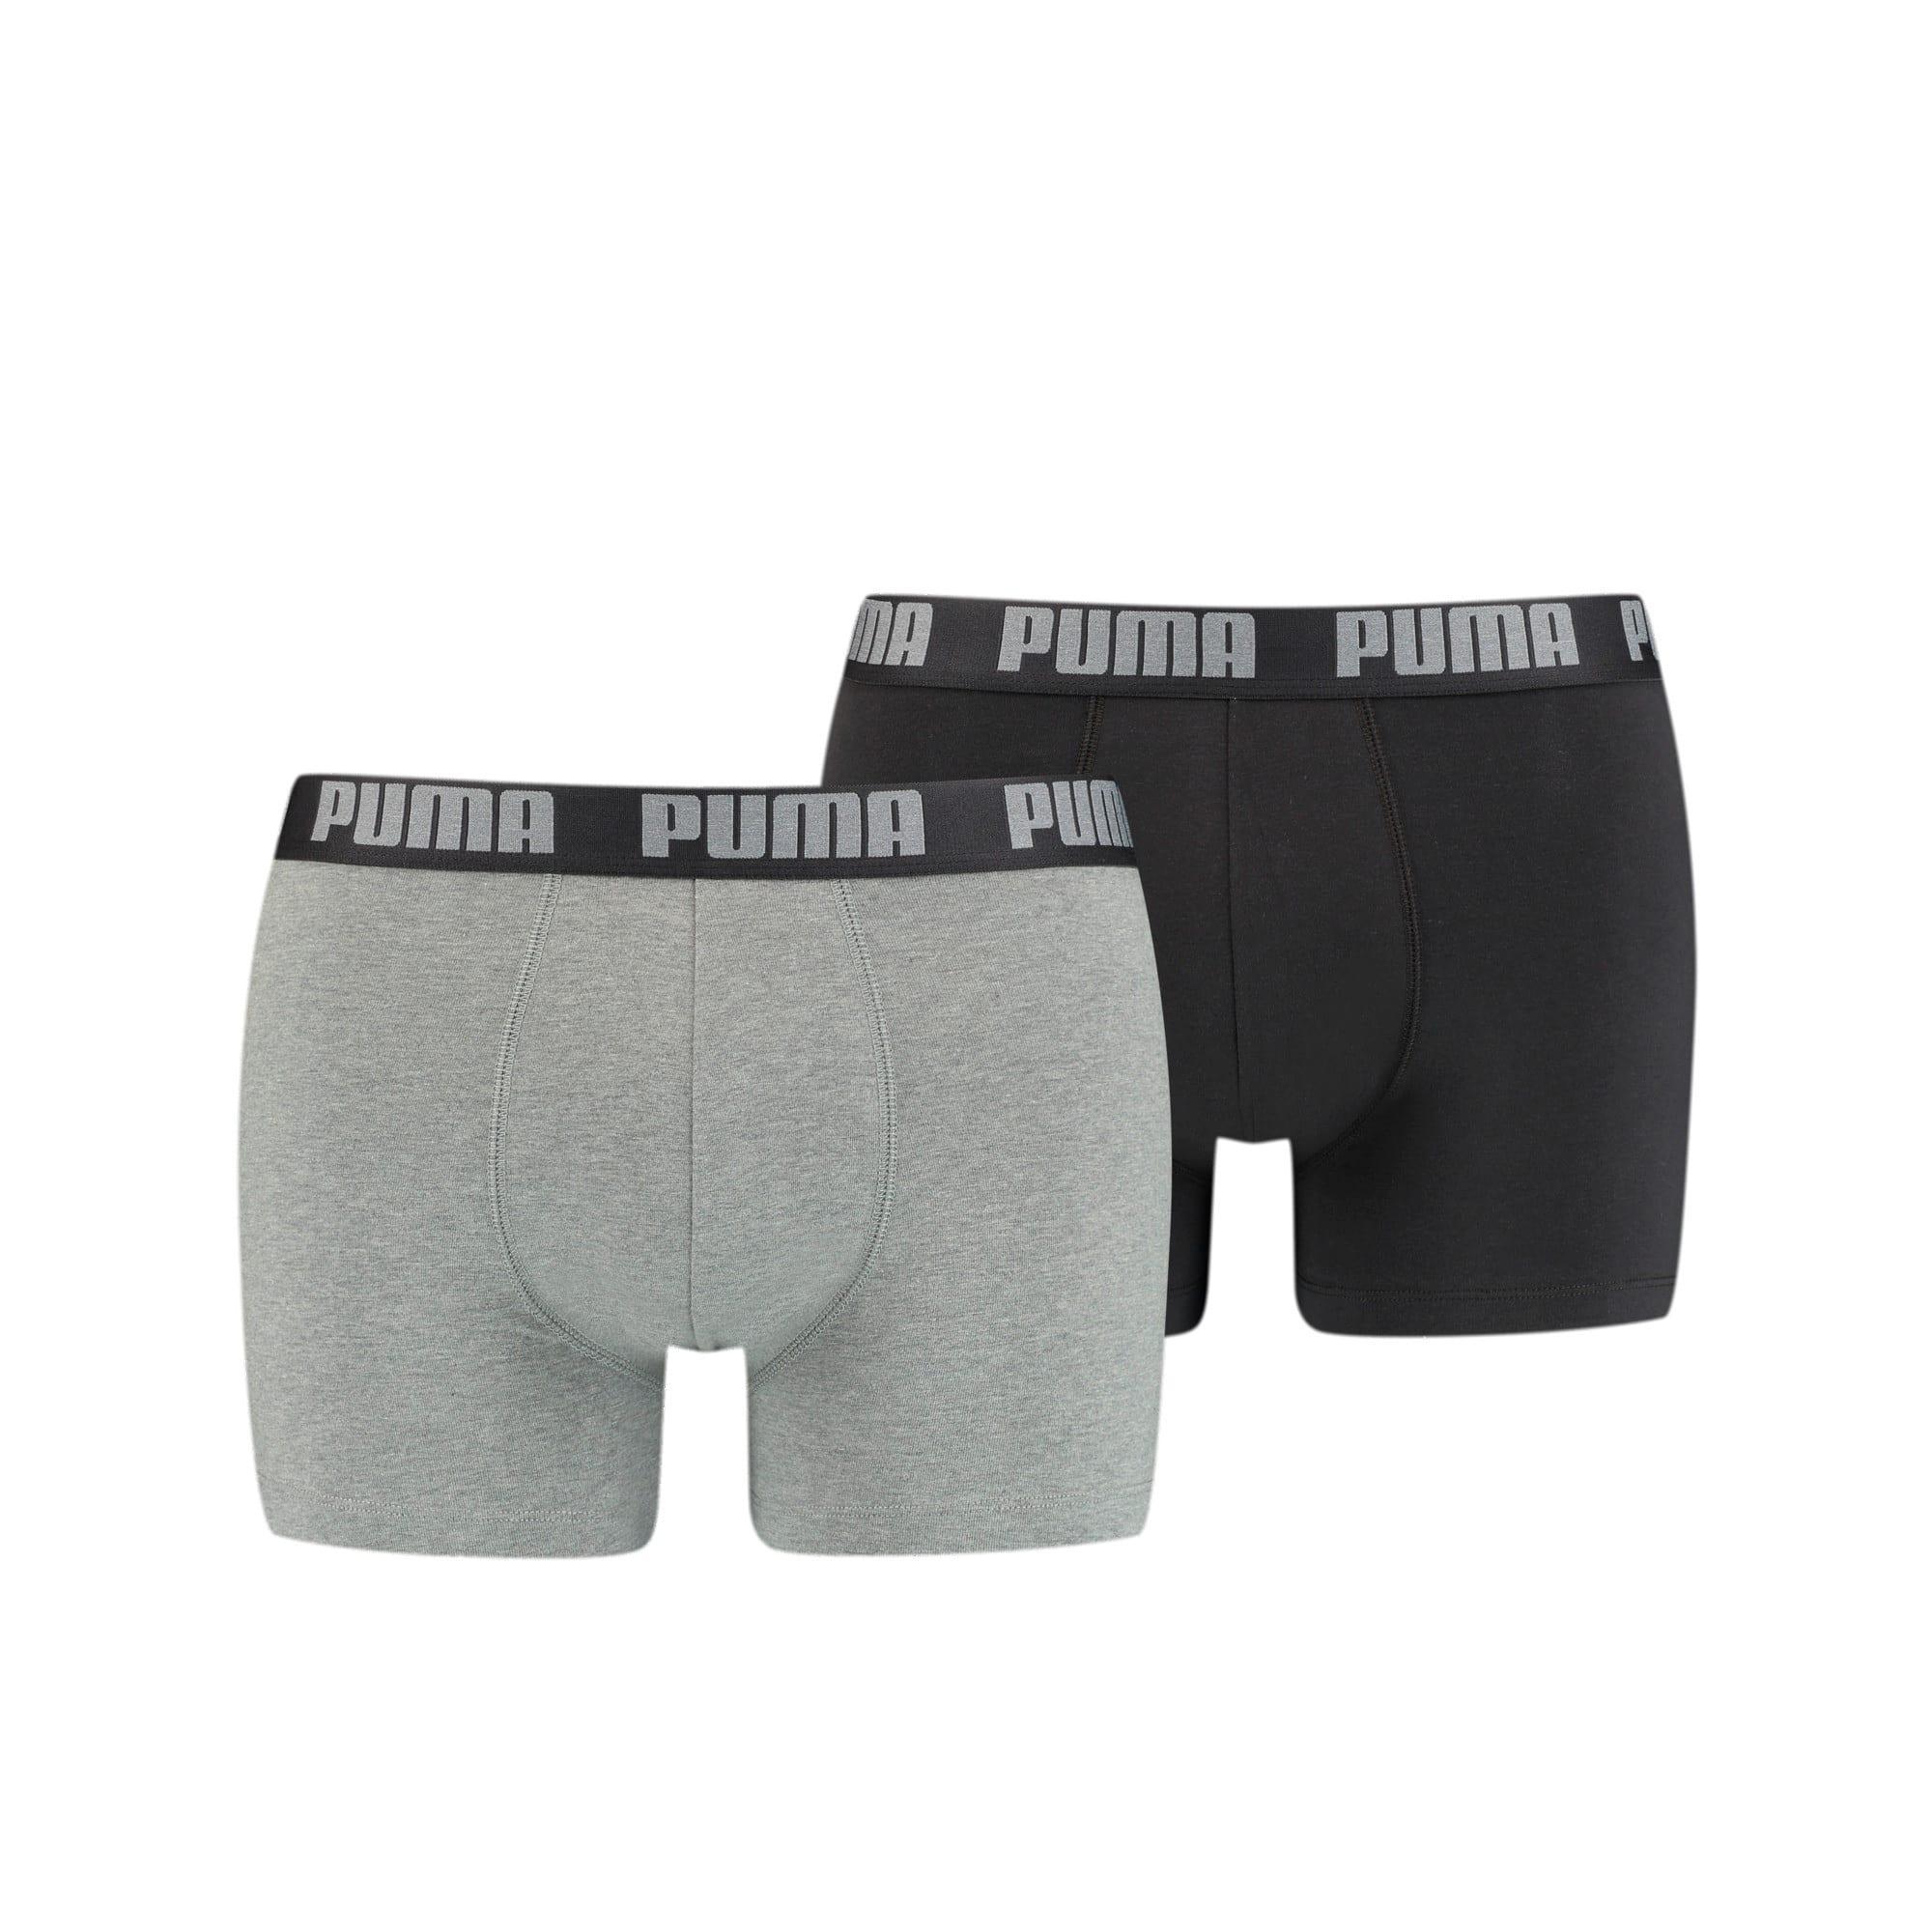 Thumbnail 1 van Basic boxershort voor mannen in verpakking van 2, donkergrijze melange / zwart, medium